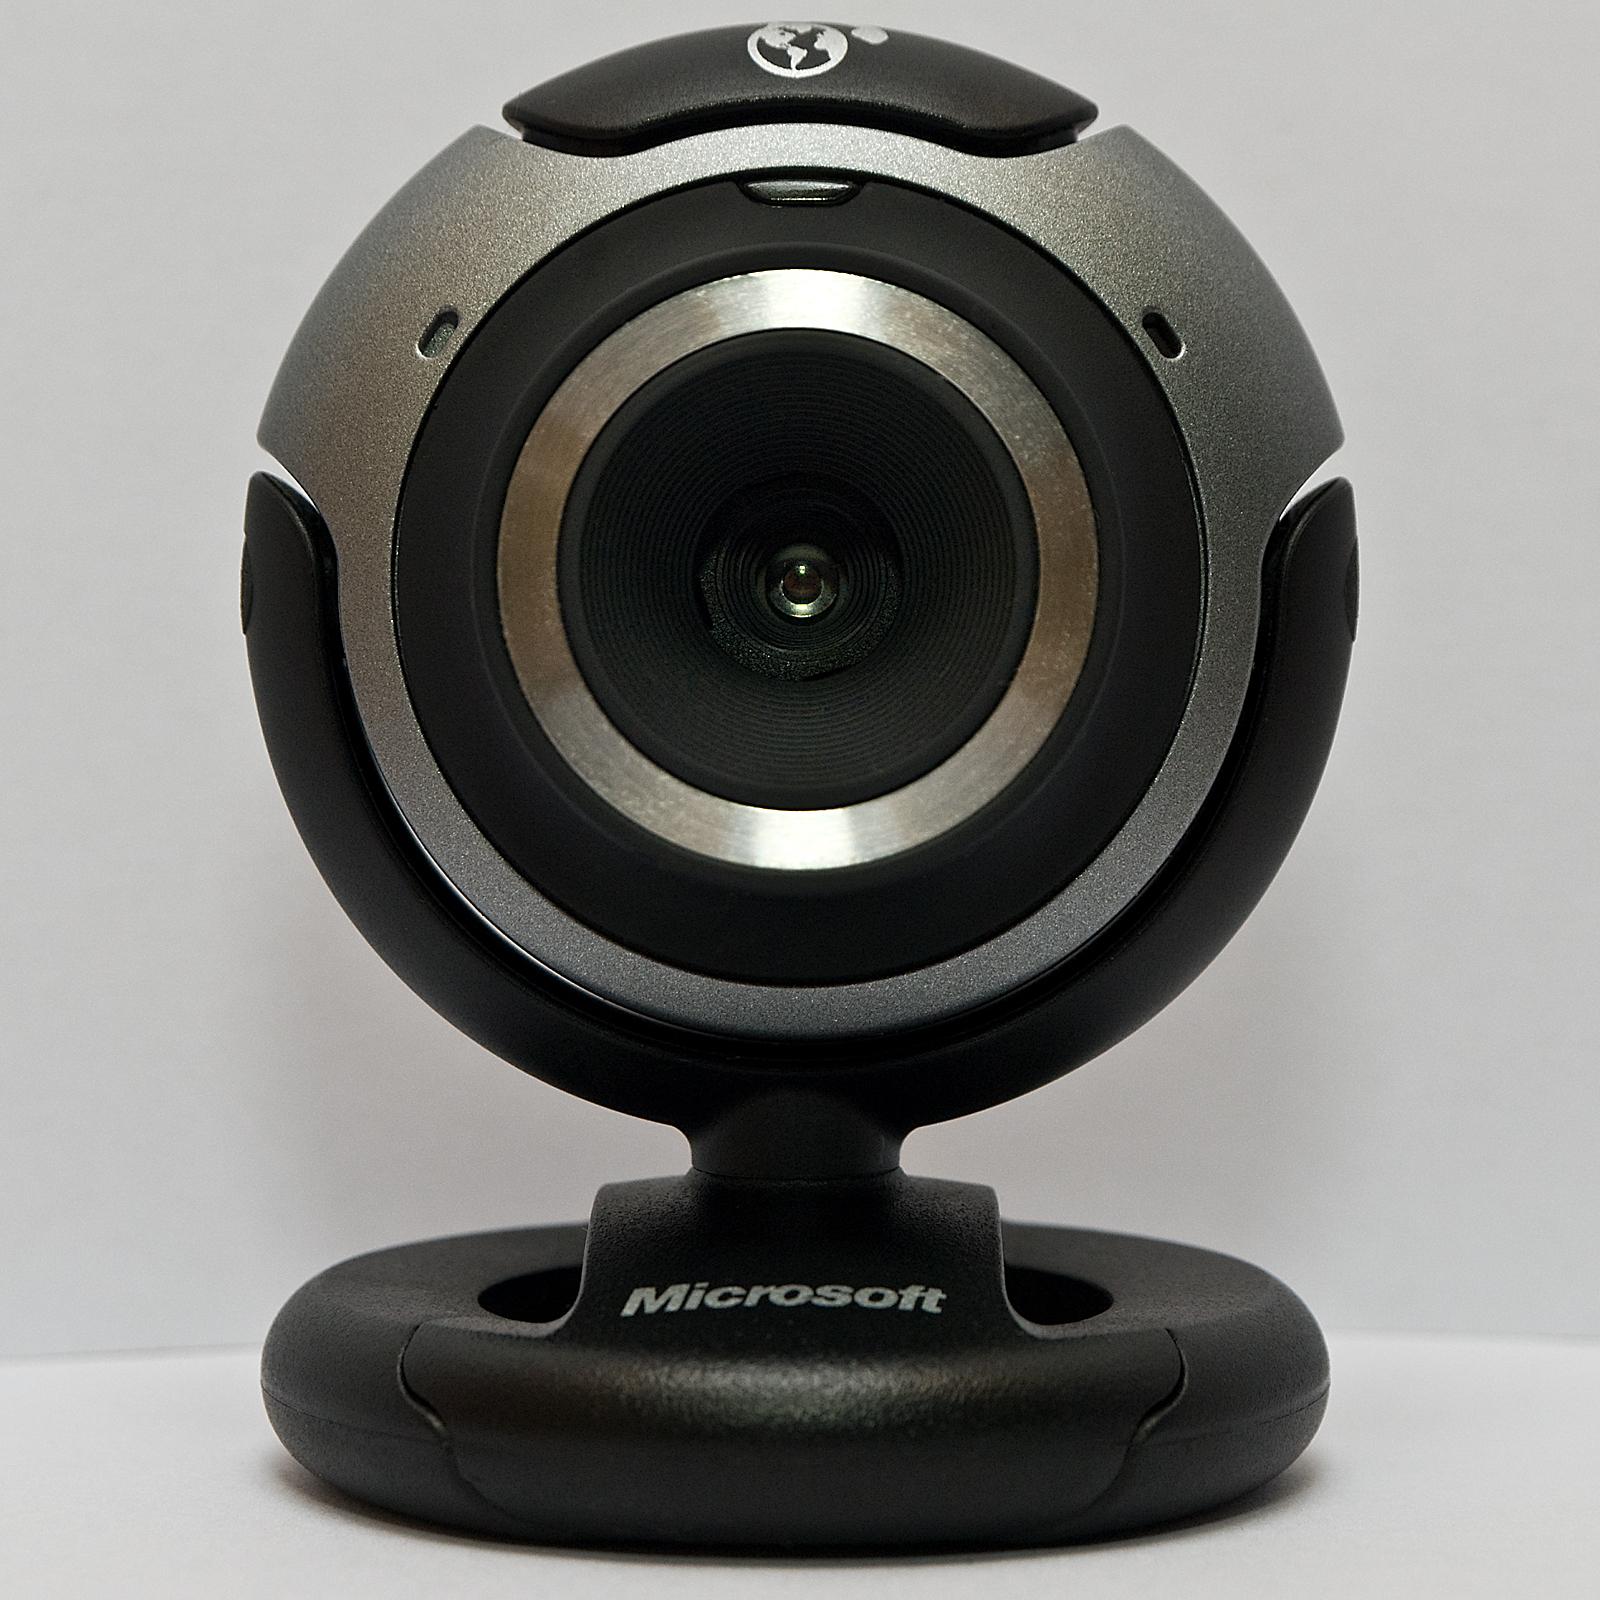 microsoft lifecam vx-800 скачать драйвер